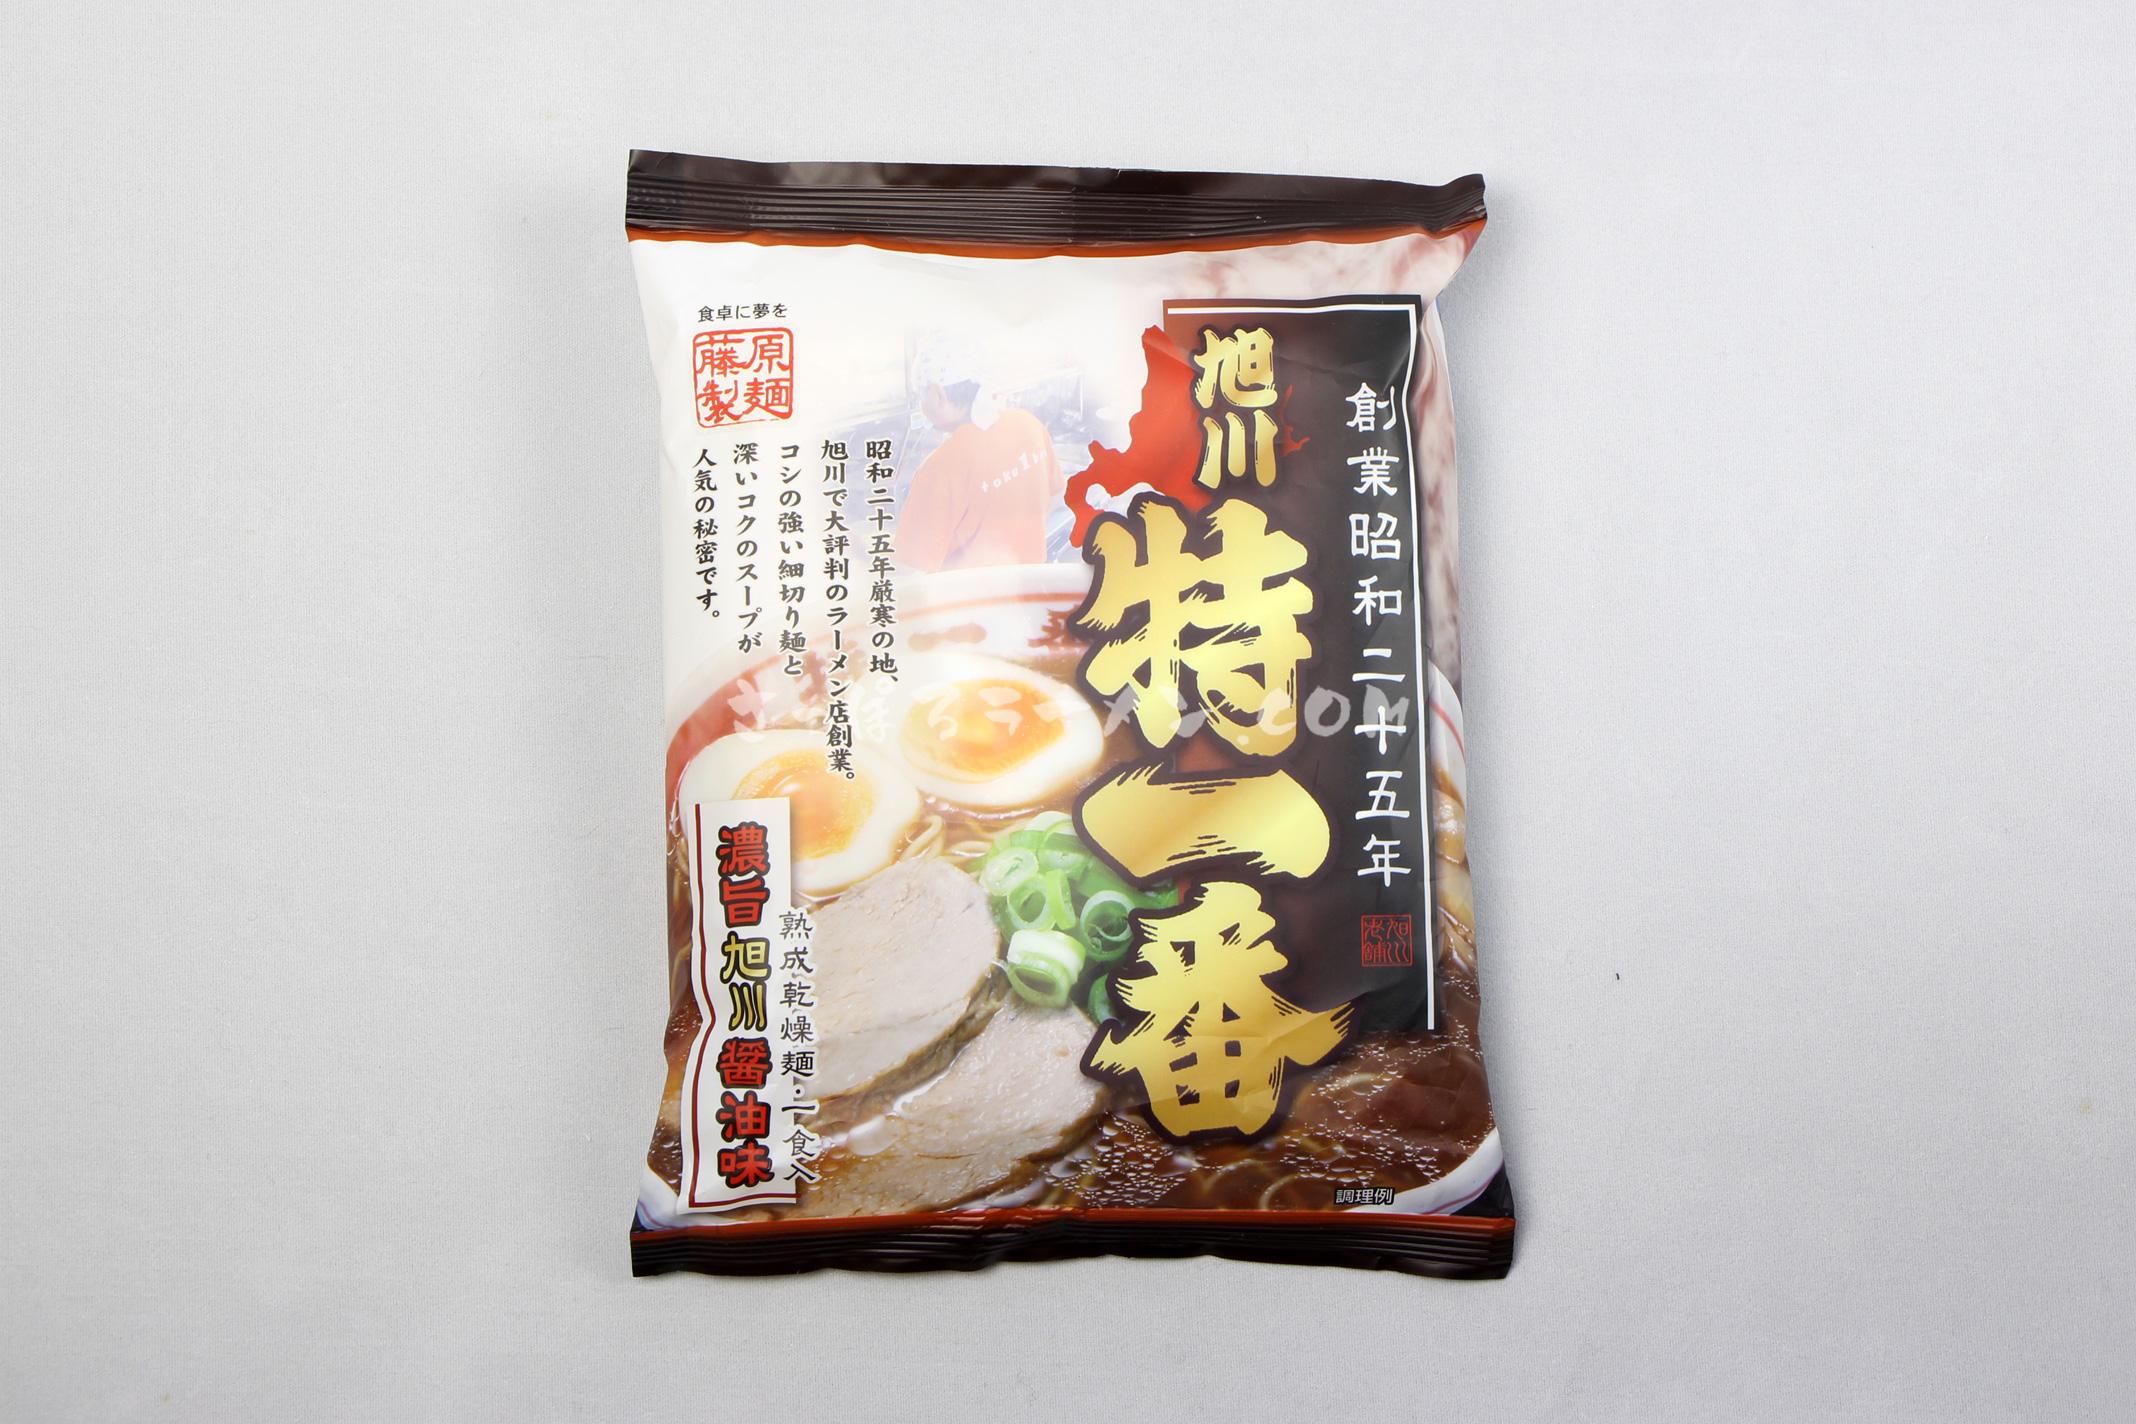 「旭川特一番 濃旨旭川醤油味」(藤原製麺)のパッケージ(表)